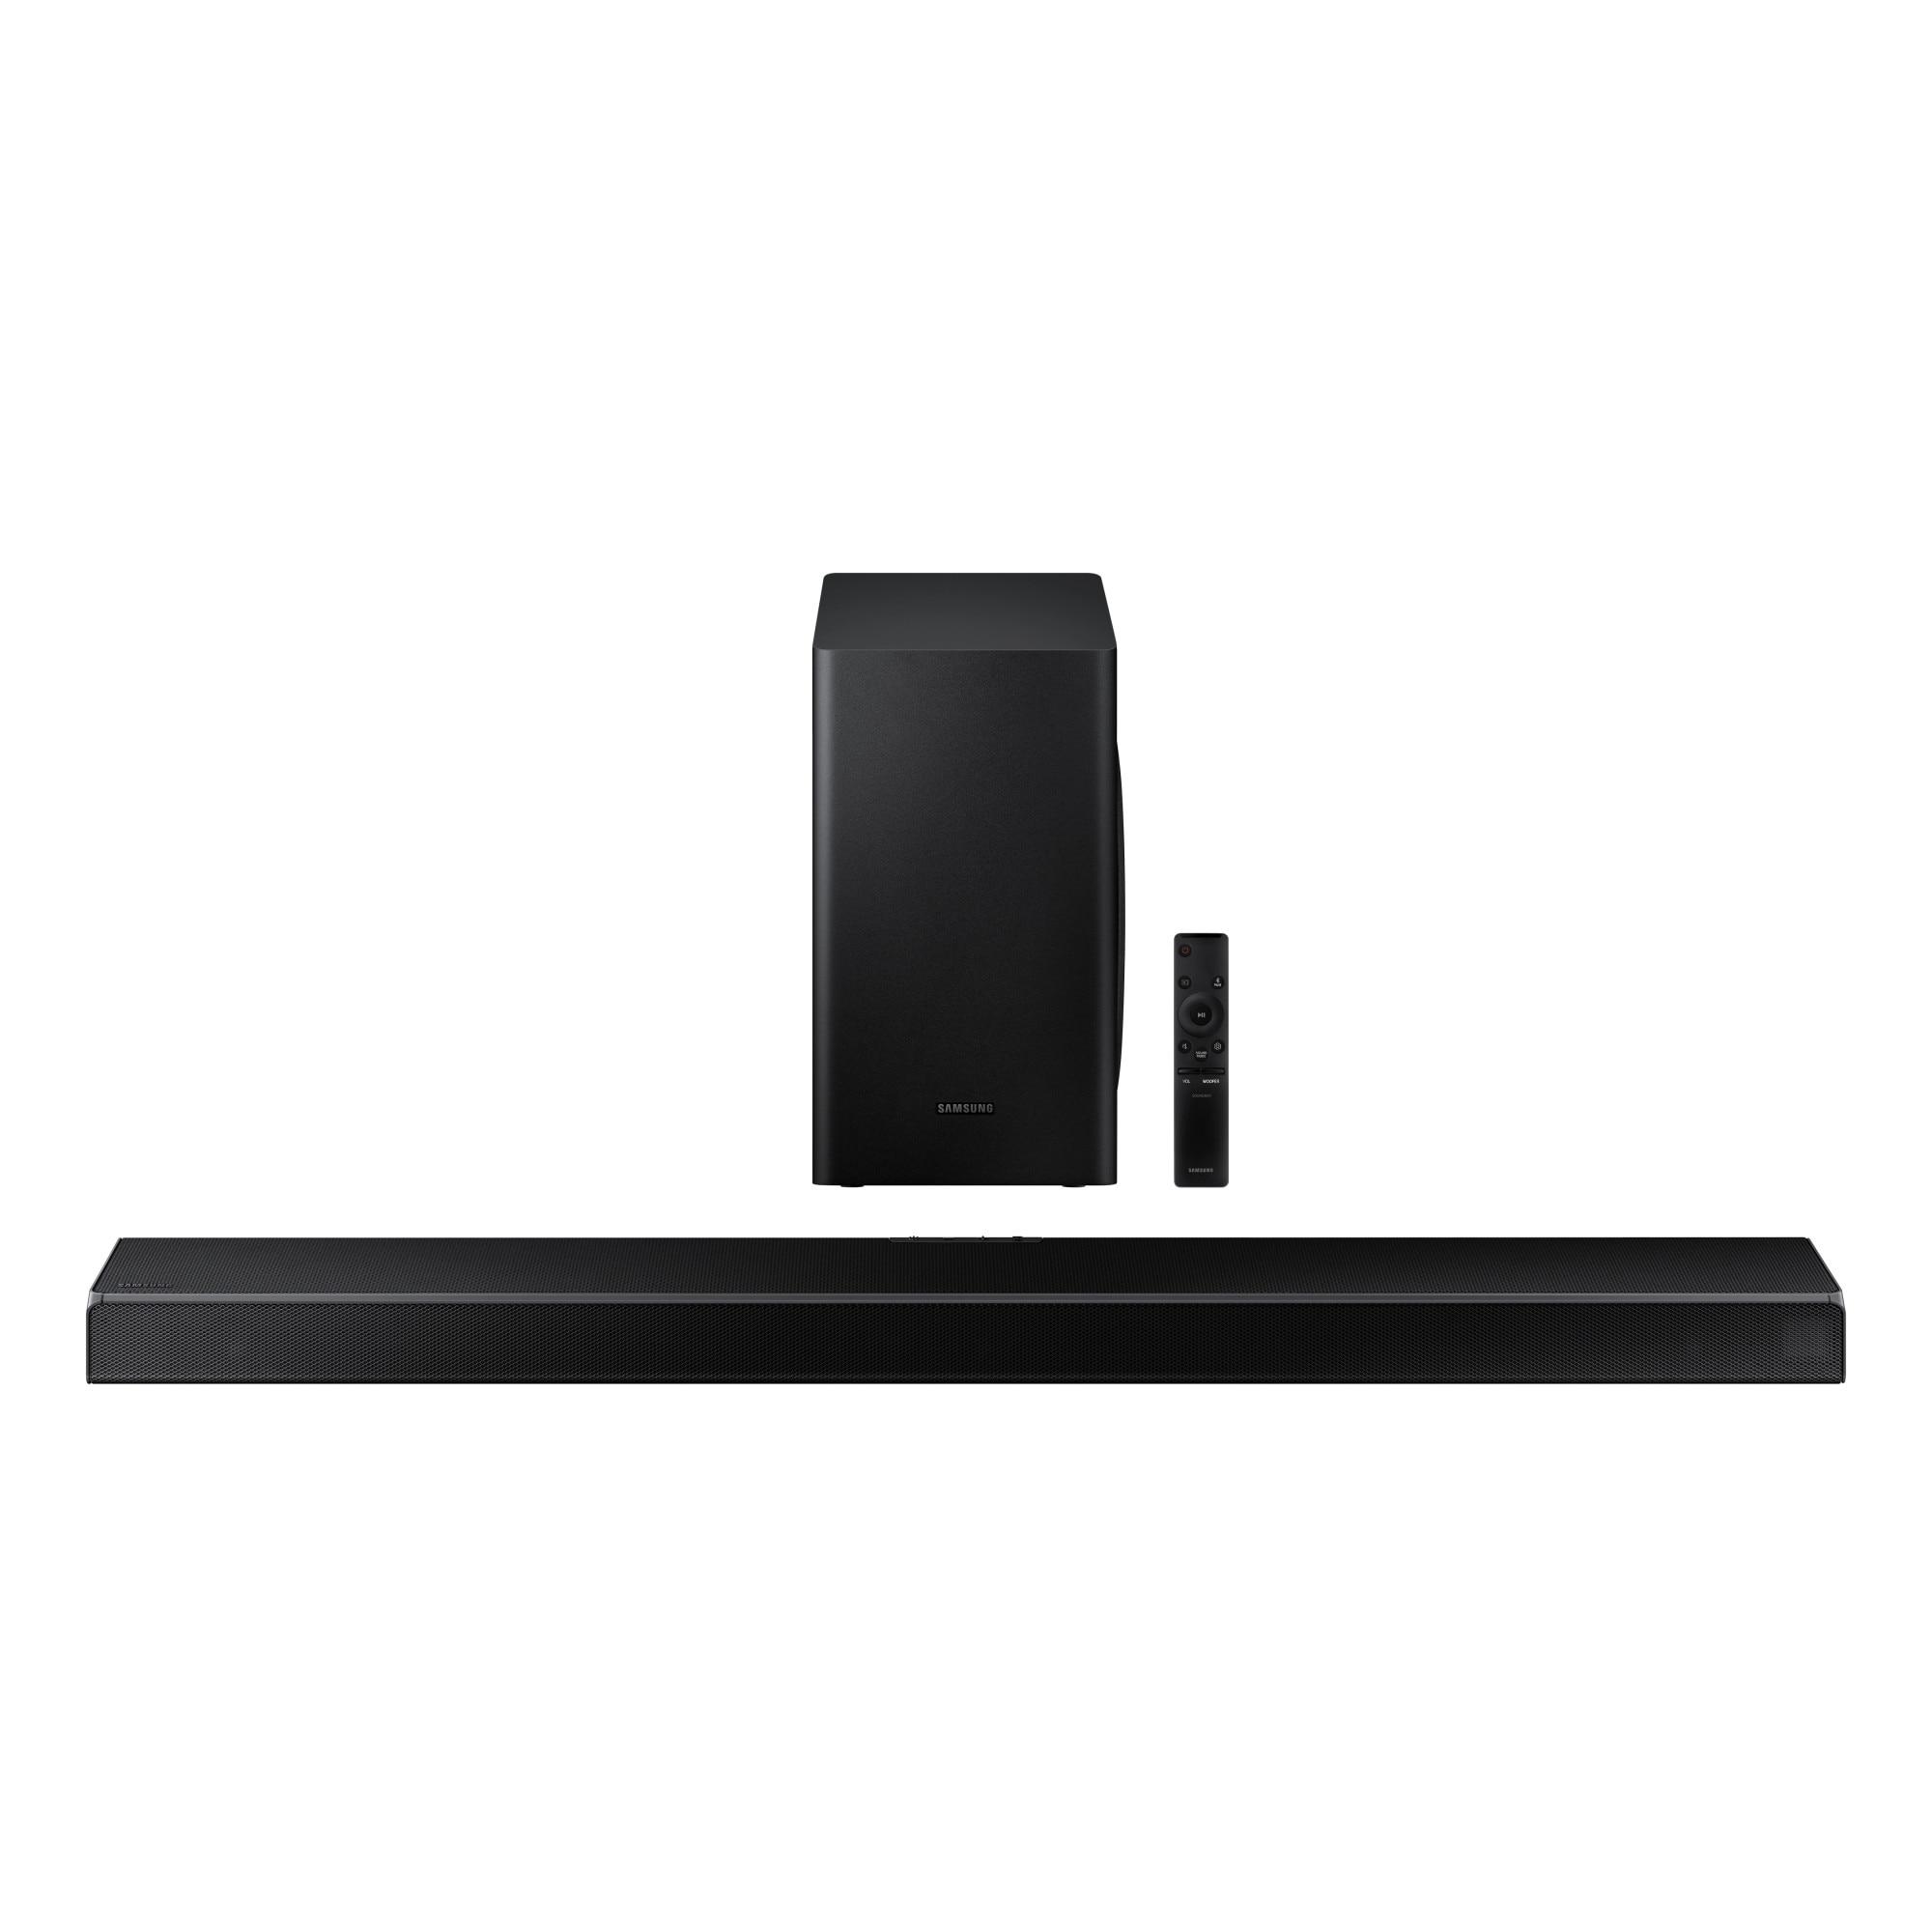 Fotografie Soundbar Samsung Harman Kardon HW-Q60T, 5.1, 360W, Wireless, Dolby, DTS, Negru